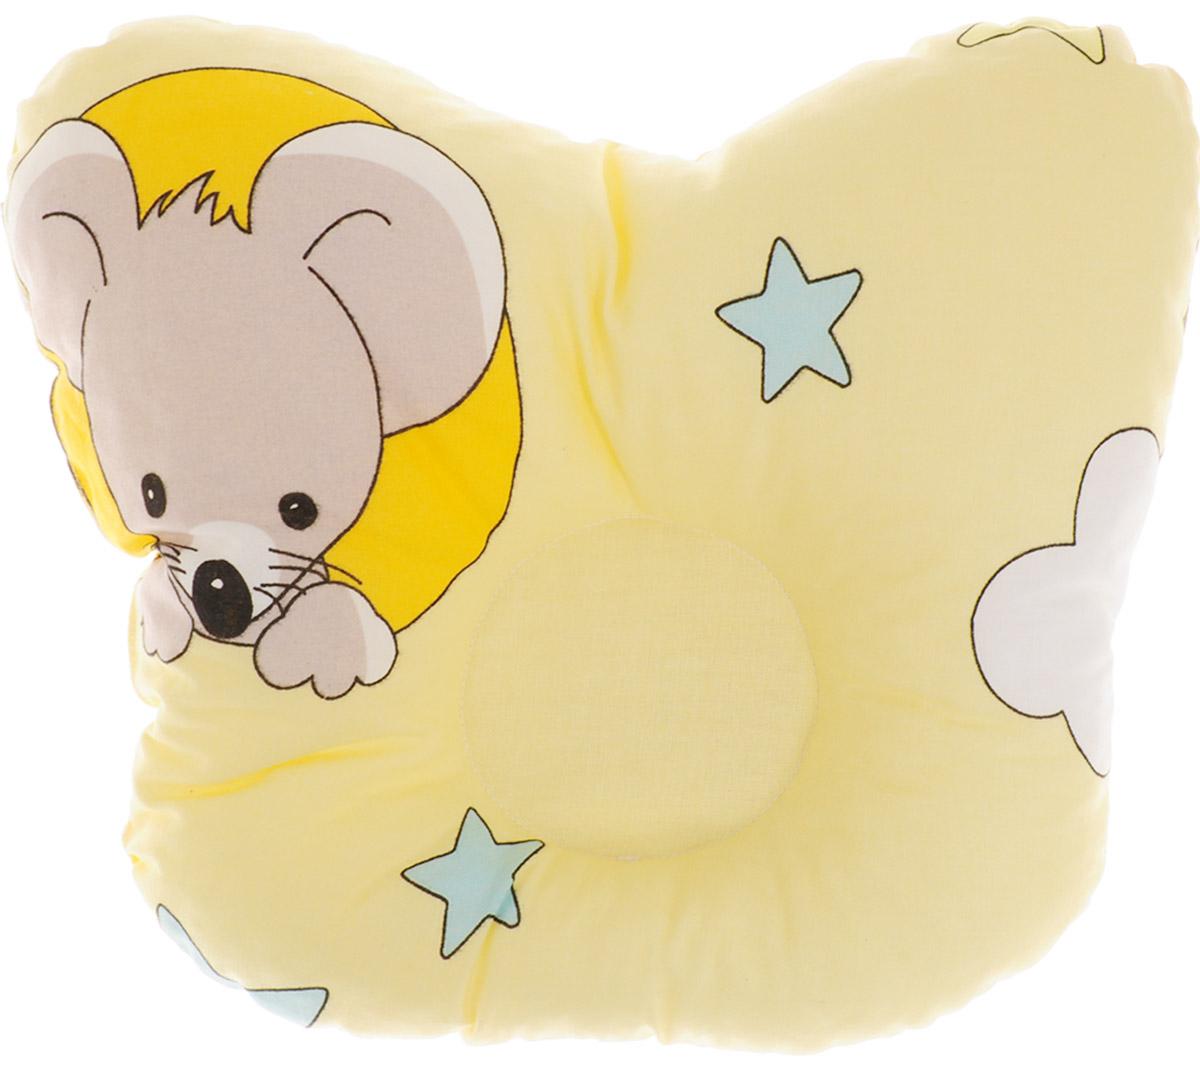 Сонный гномик Подушка анатомическая для младенцев Мышки 27 х 27 см51014200Анатомическая подушка для младенцев Сонный гномик Мышки изготовлена из бязи - 100% хлопка. Наполнитель - синтепон в гранулах (100% полиэстер).Подушка компактна и удобна для пеленания малыша и кормления на руках, она также незаменима для сна ребенка в кроватке и комфортна для использования в коляске на прогулке. Углубление в подушке фиксирует правильное положение головы ребенка.Подушка помогает правильному формированию шейного отдела позвоночника.